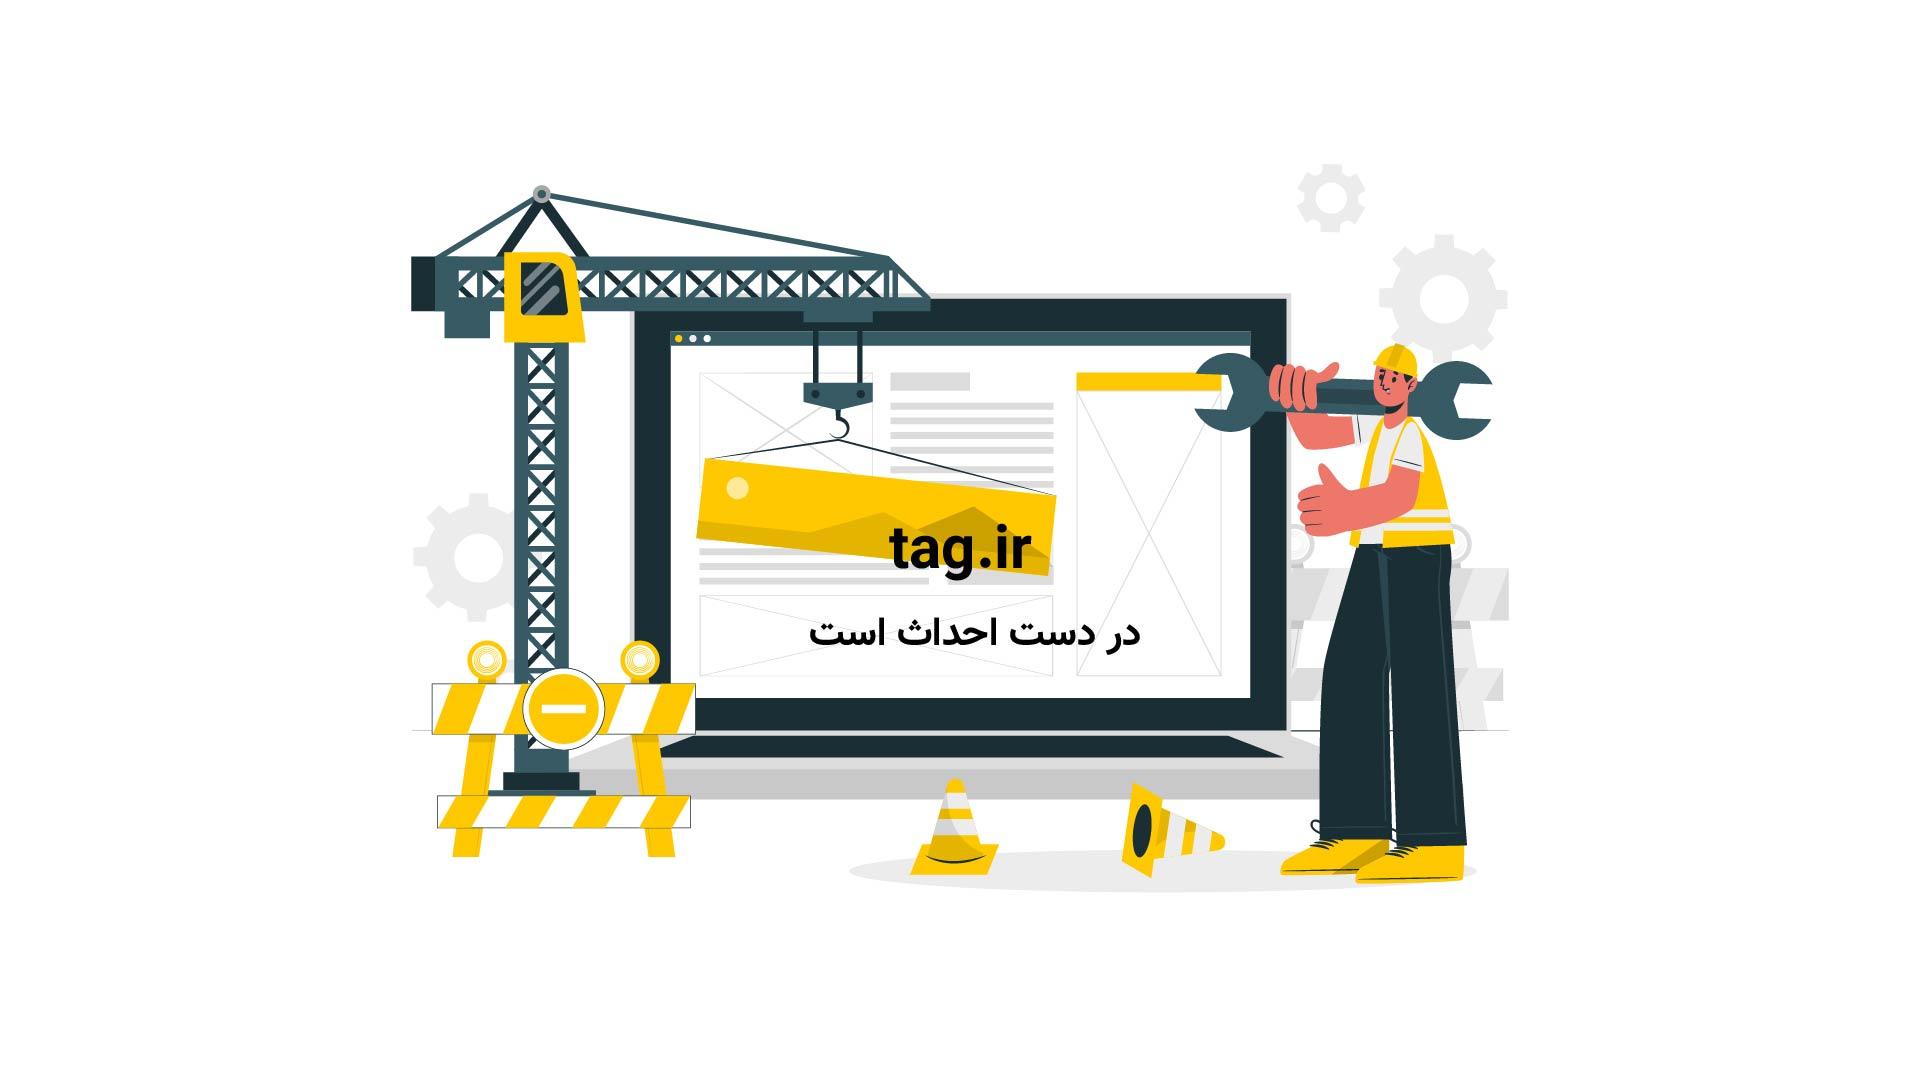 حمام کردشت یکی از آثار تاریخی روستای کردشت درشهر جلفا | فیلم